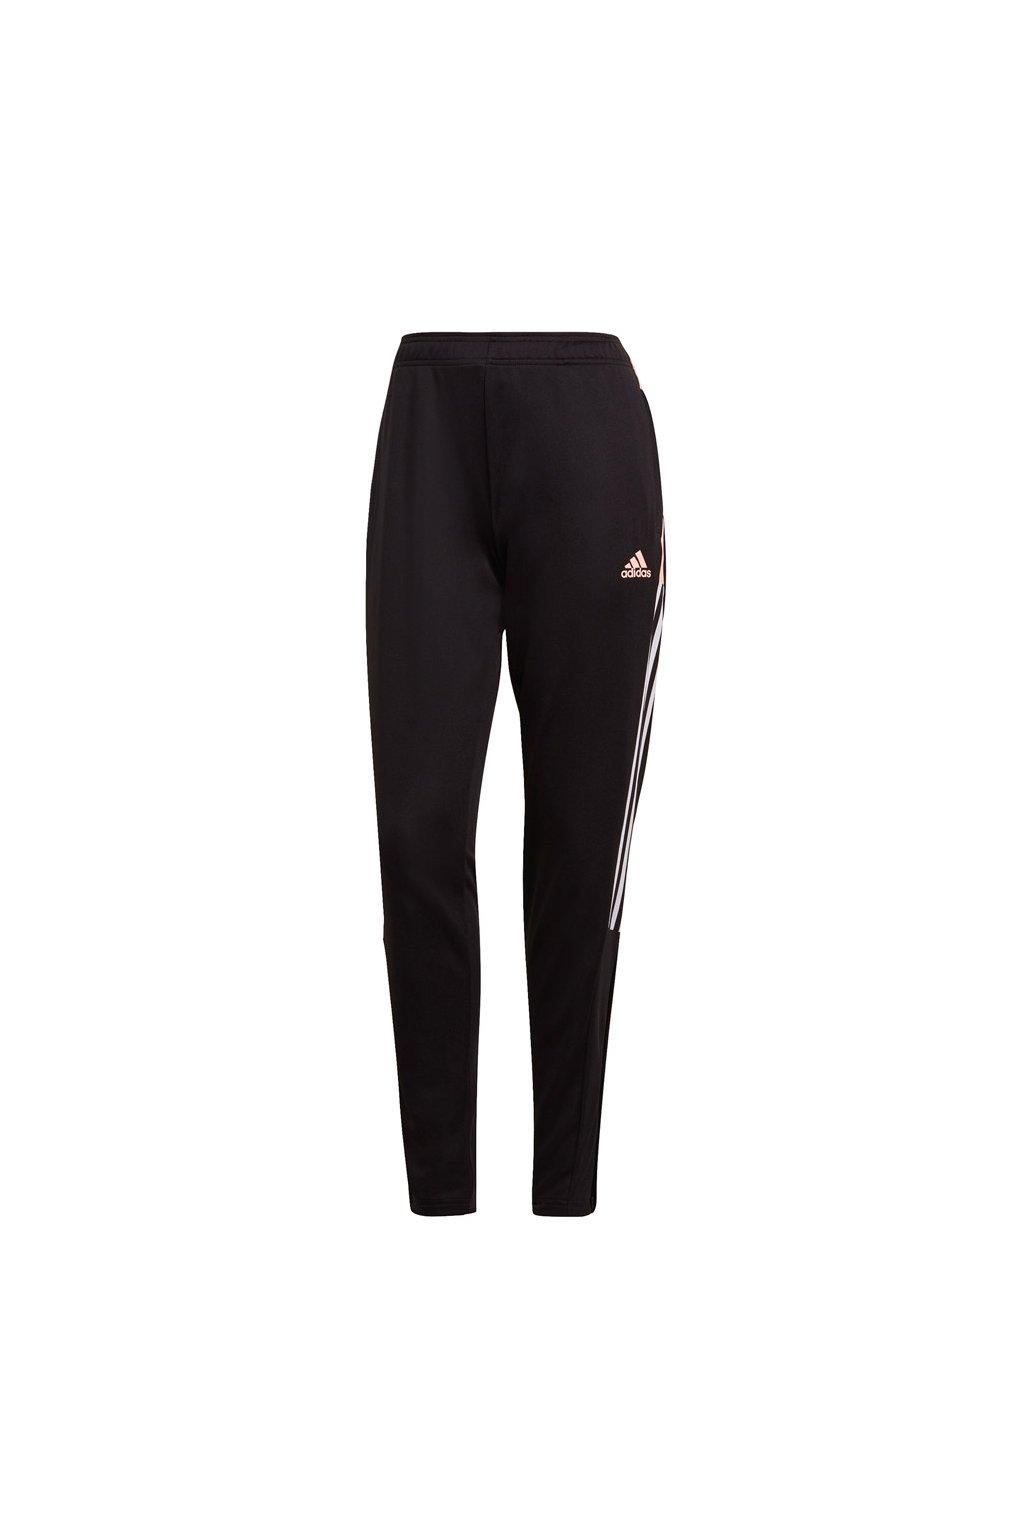 Dámske nohavice Adidas Tiro Trackpant čierno-ružové GQ1054